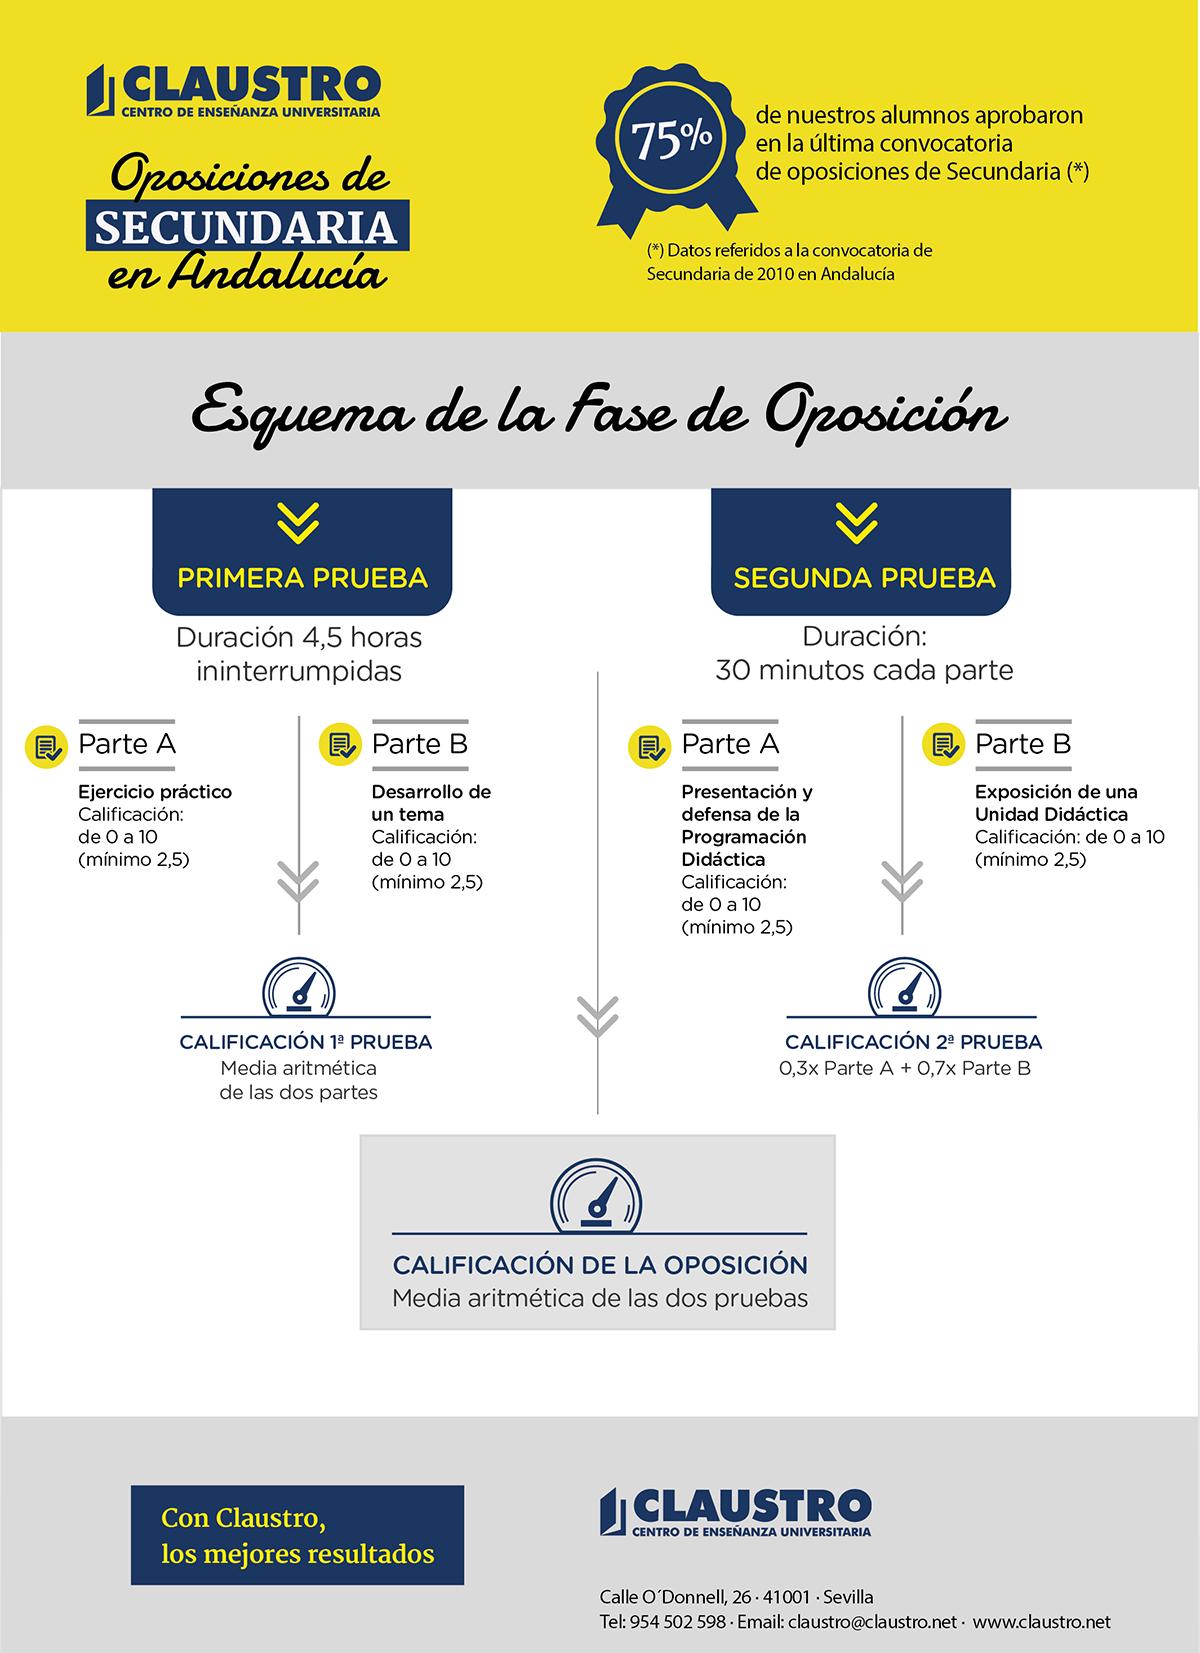 Esquema de la oposición de Secundaria en Andalucía - Academia CLAUSTRO Sevilla